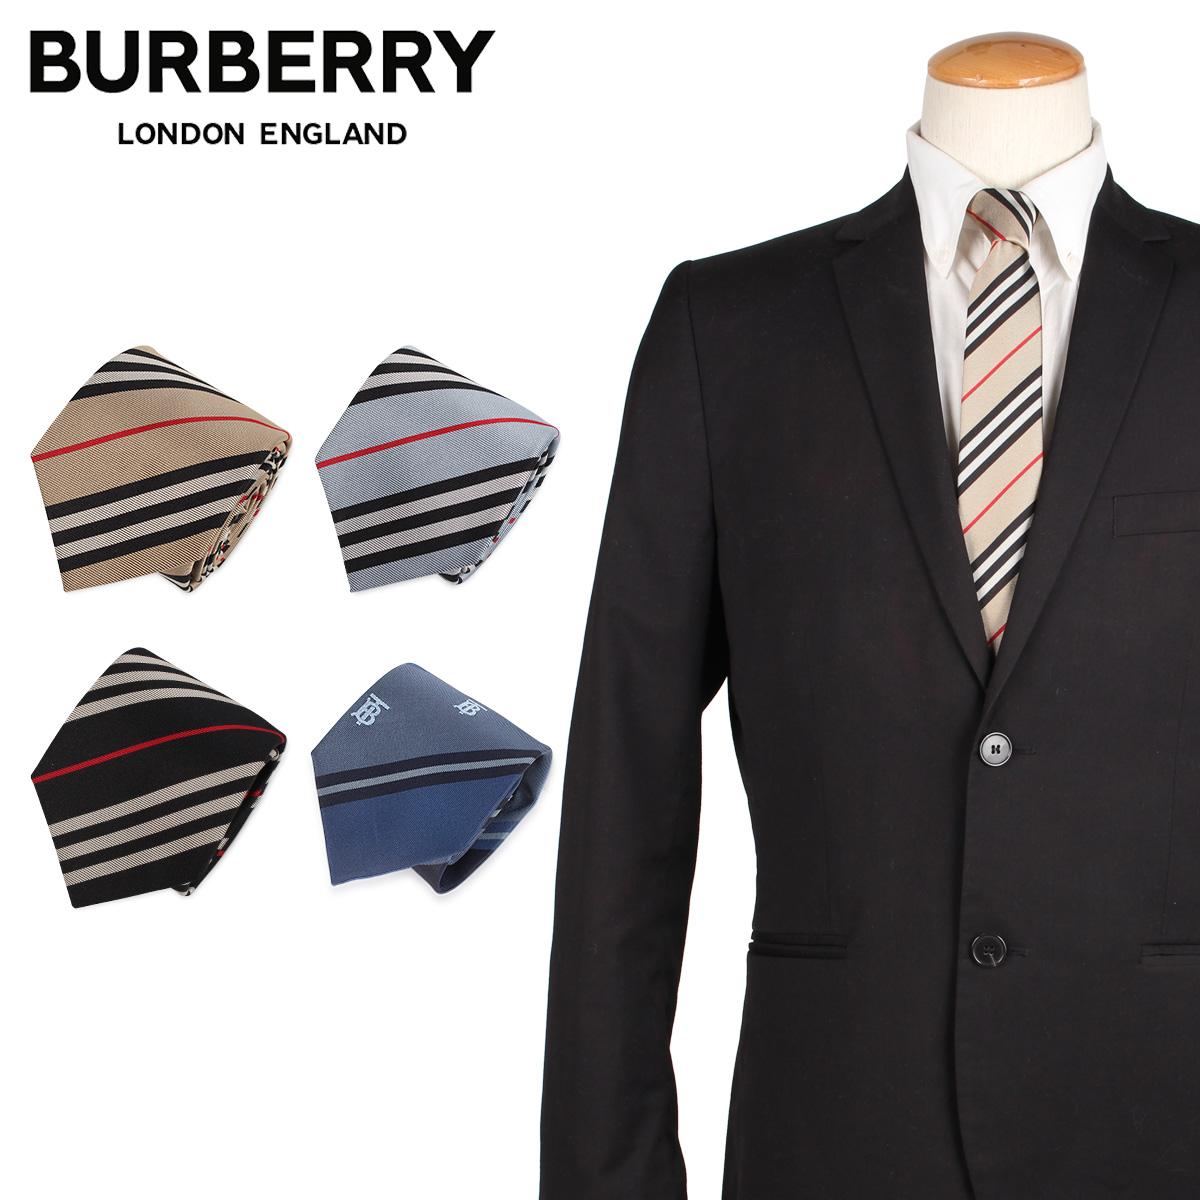 バーバリー BURBERRY ネクタイ メンズ TIE シルク 結婚式